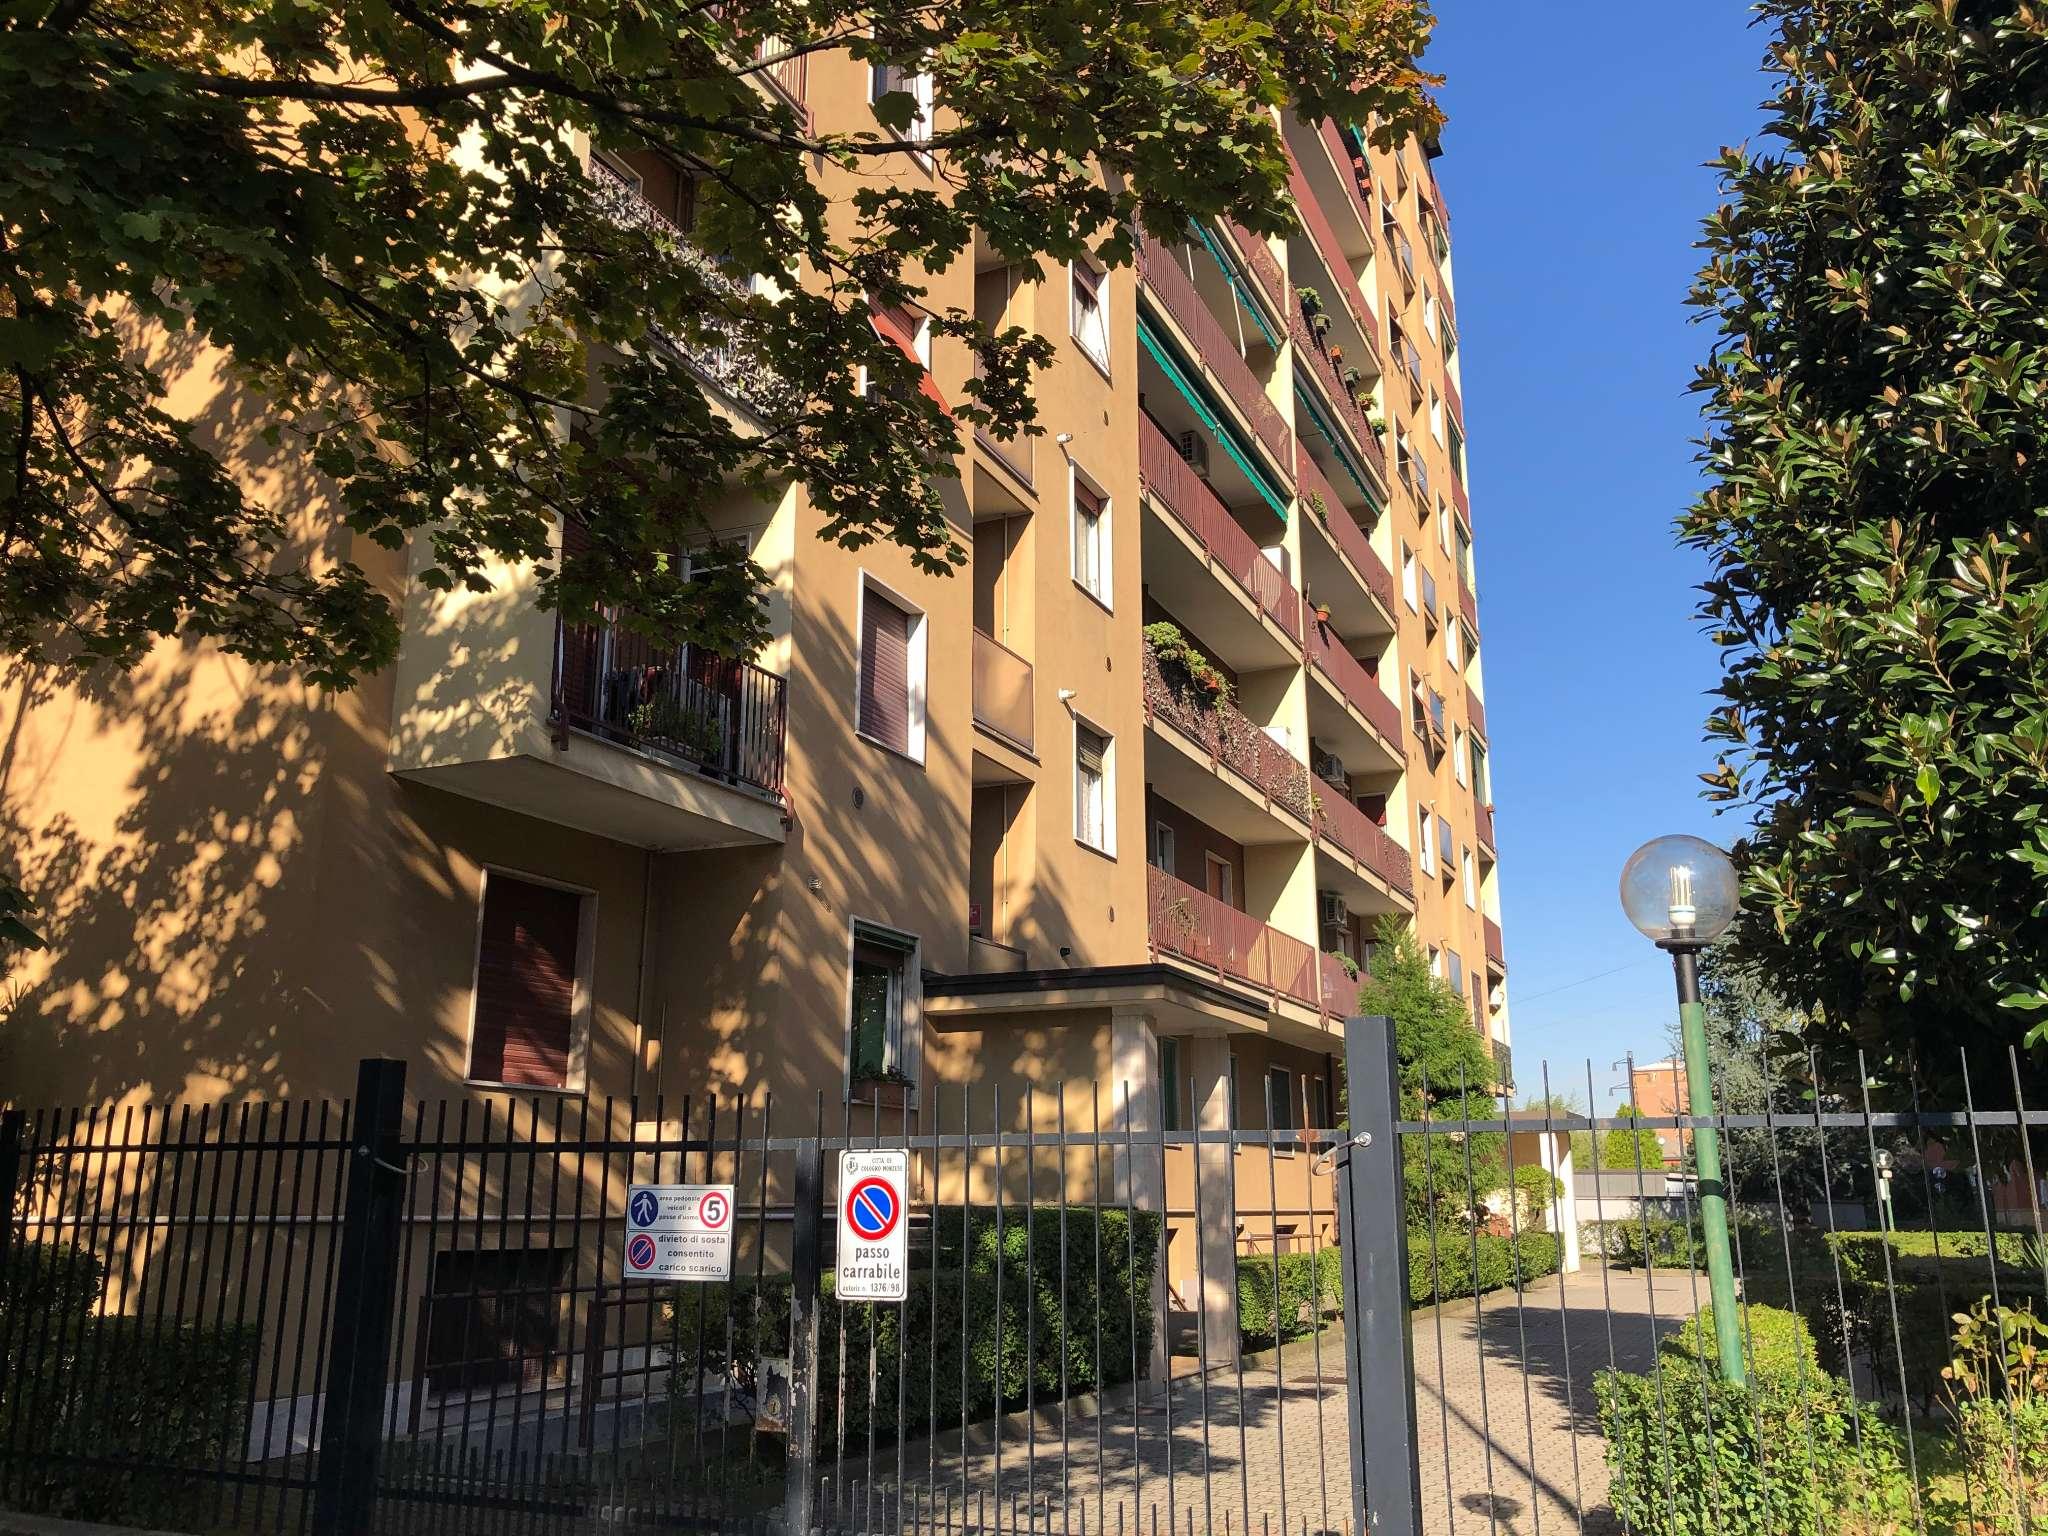 Appartamento in vendita a Cologno Monzese, 3 locali, prezzo € 195.000 | CambioCasa.it